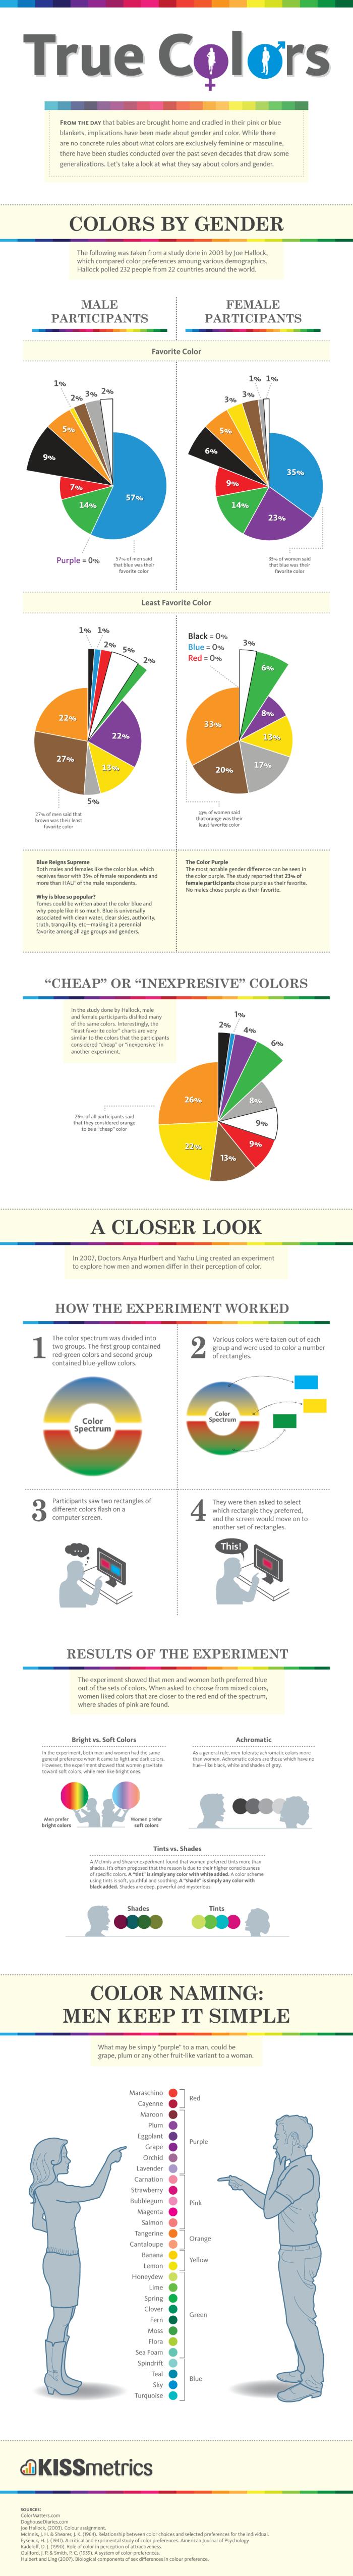 color preferences by gender